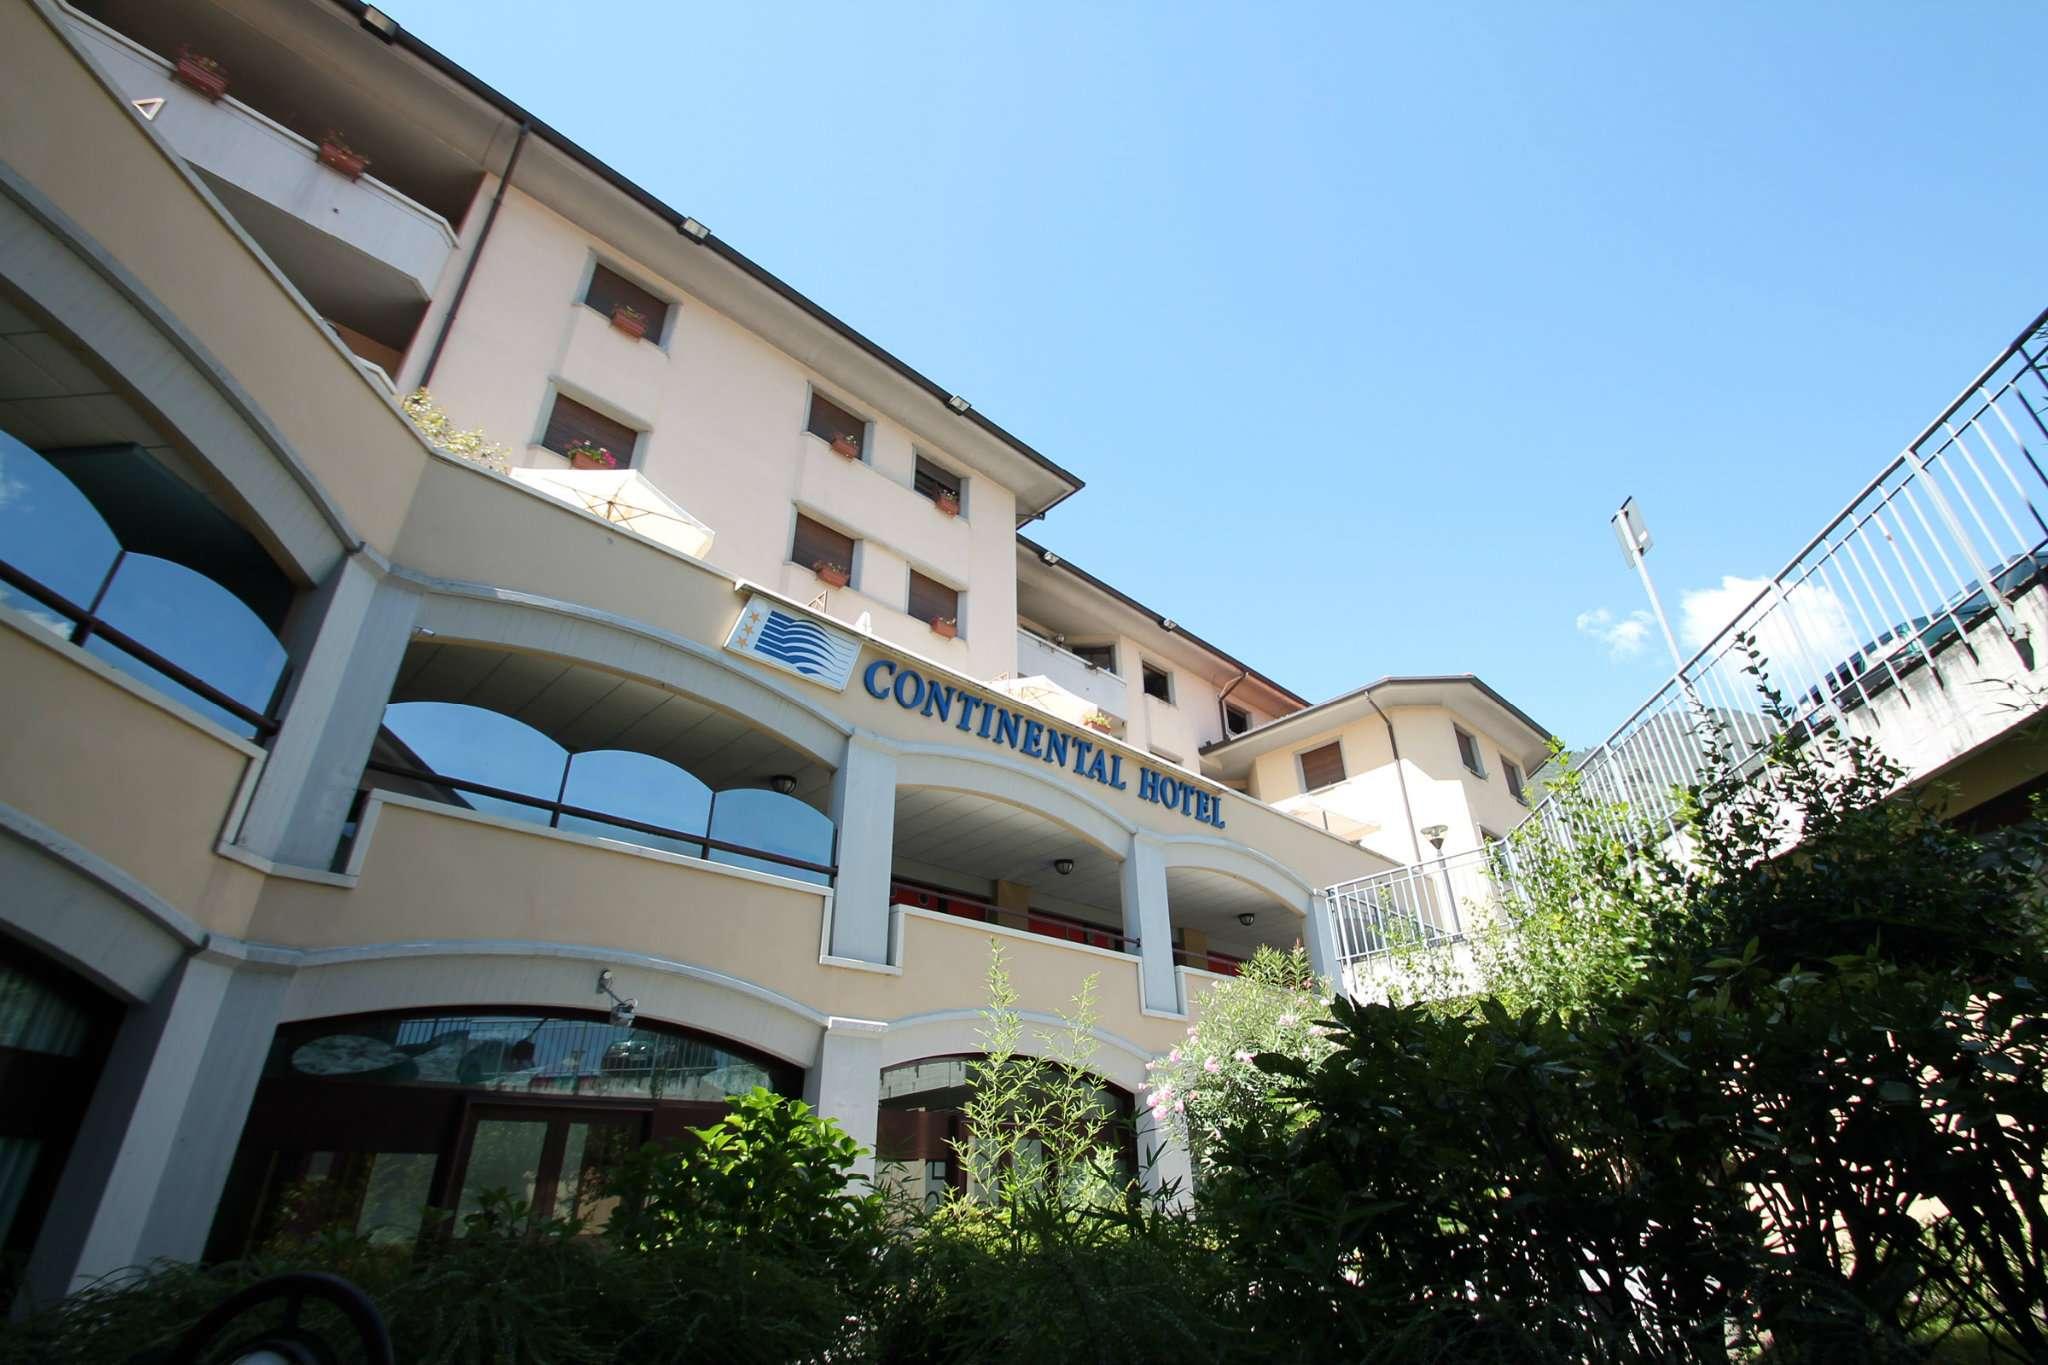 Appartamento in vendita a Lovere, 4 locali, prezzo € 220.000 | Cambio Casa.it